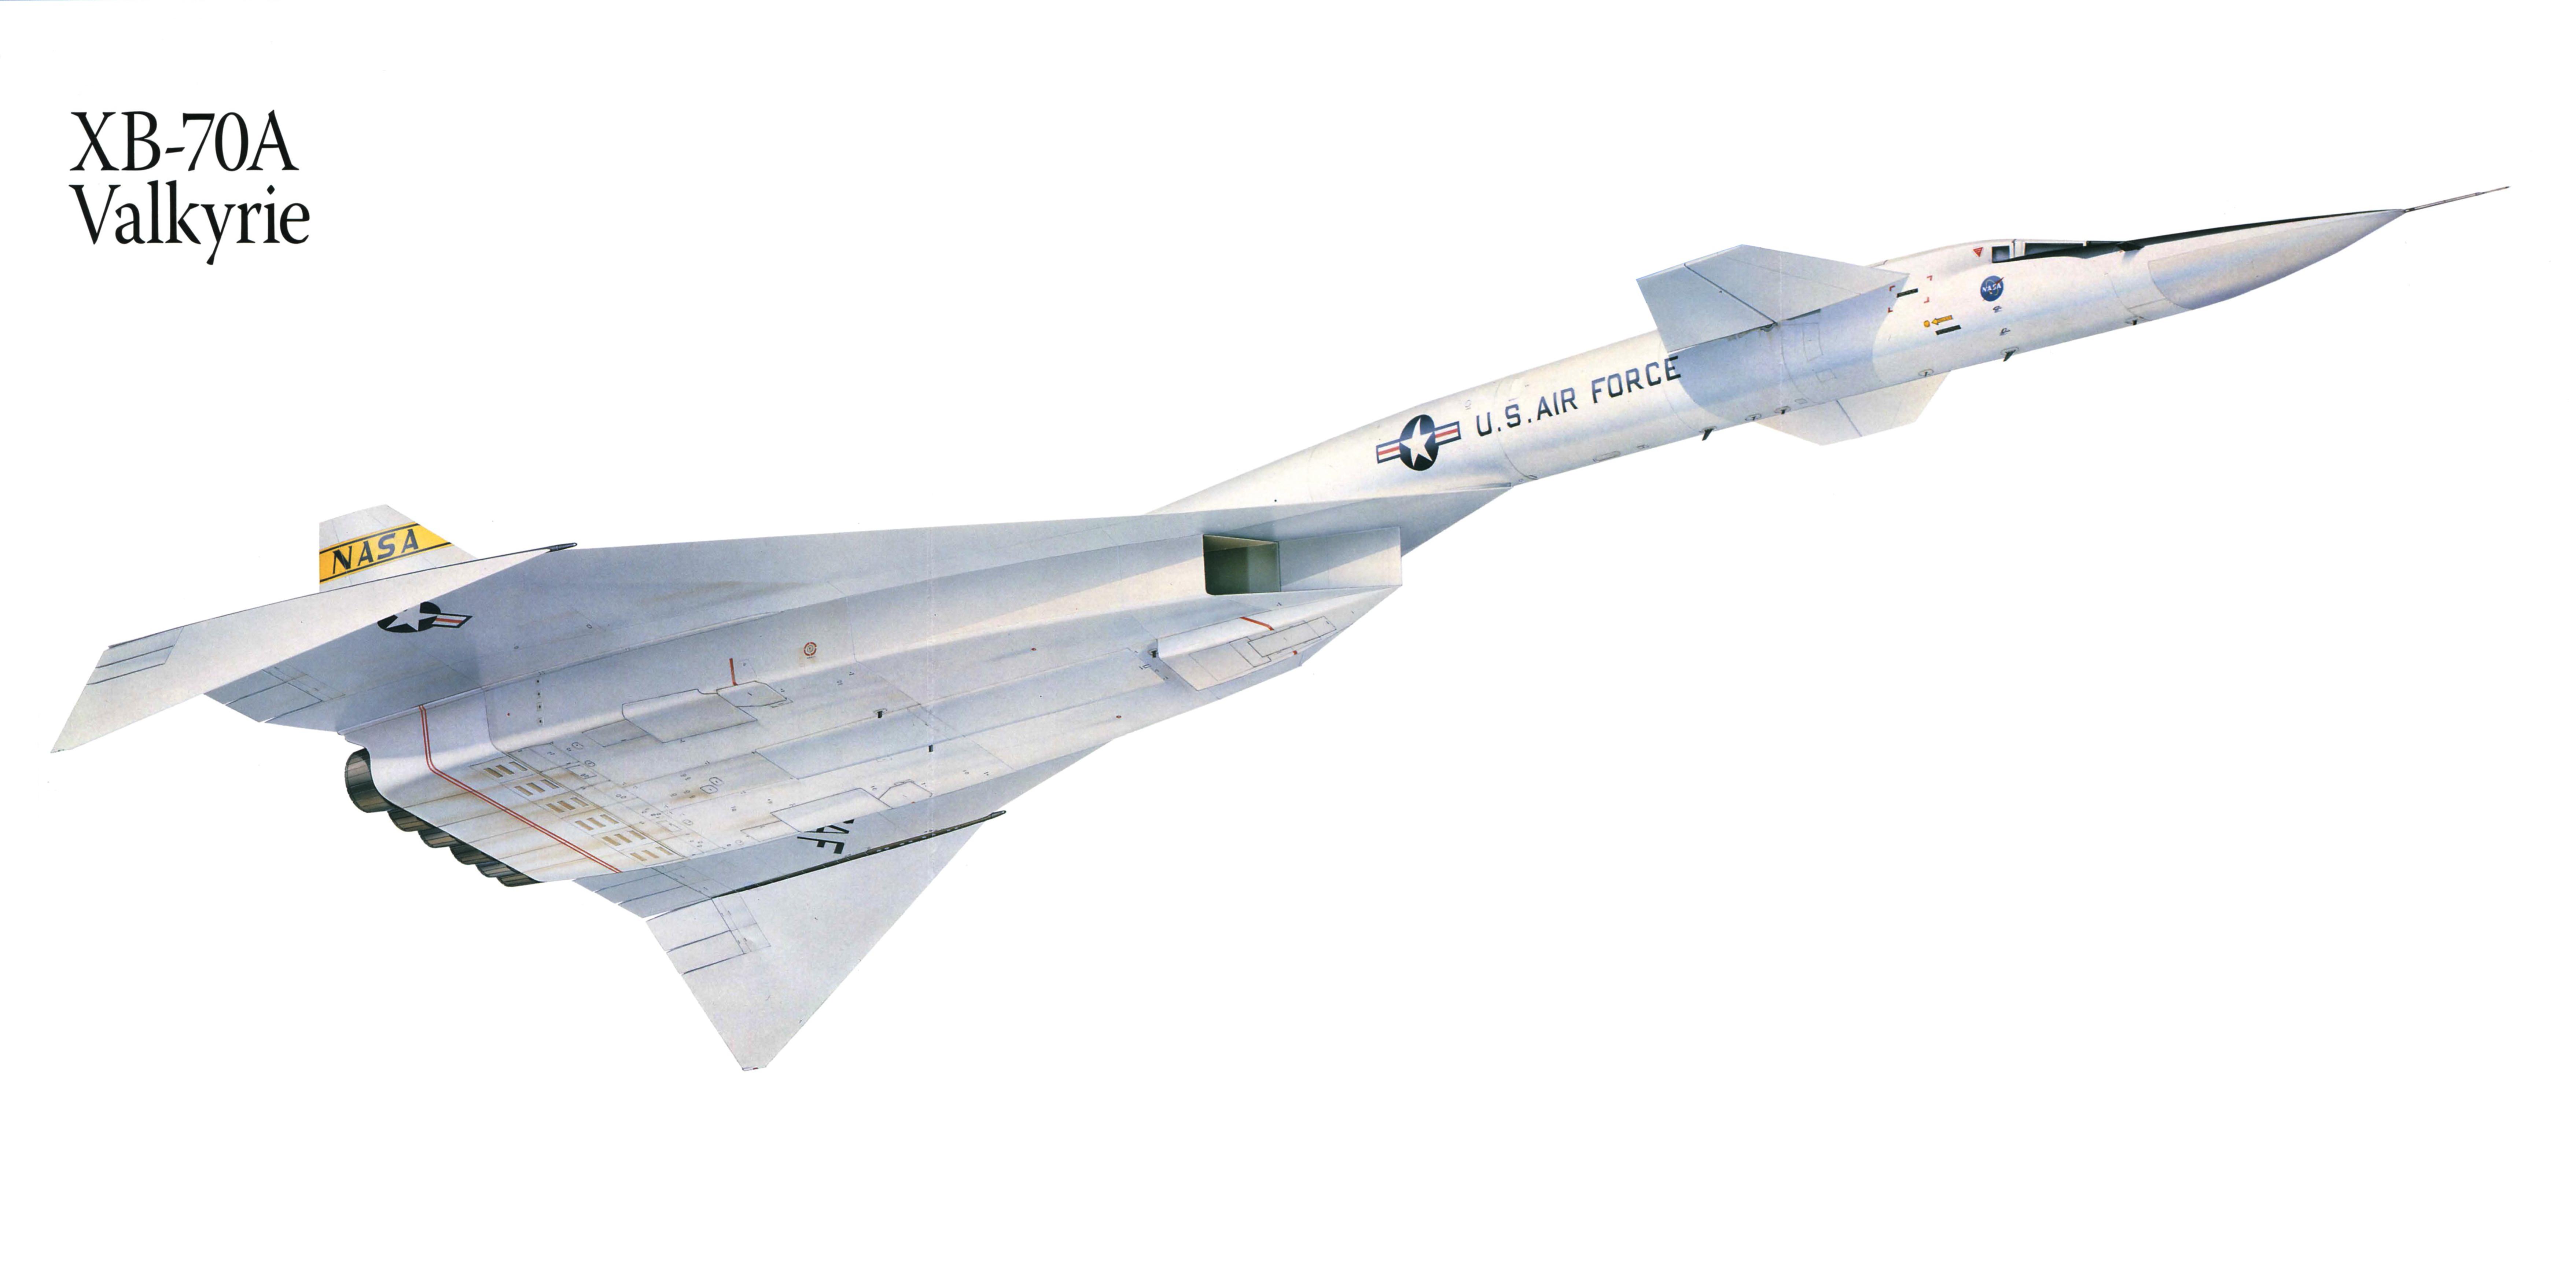 Картинка Самолеты XB-70A Valkyrie Рисованные Авиация 7028x3514